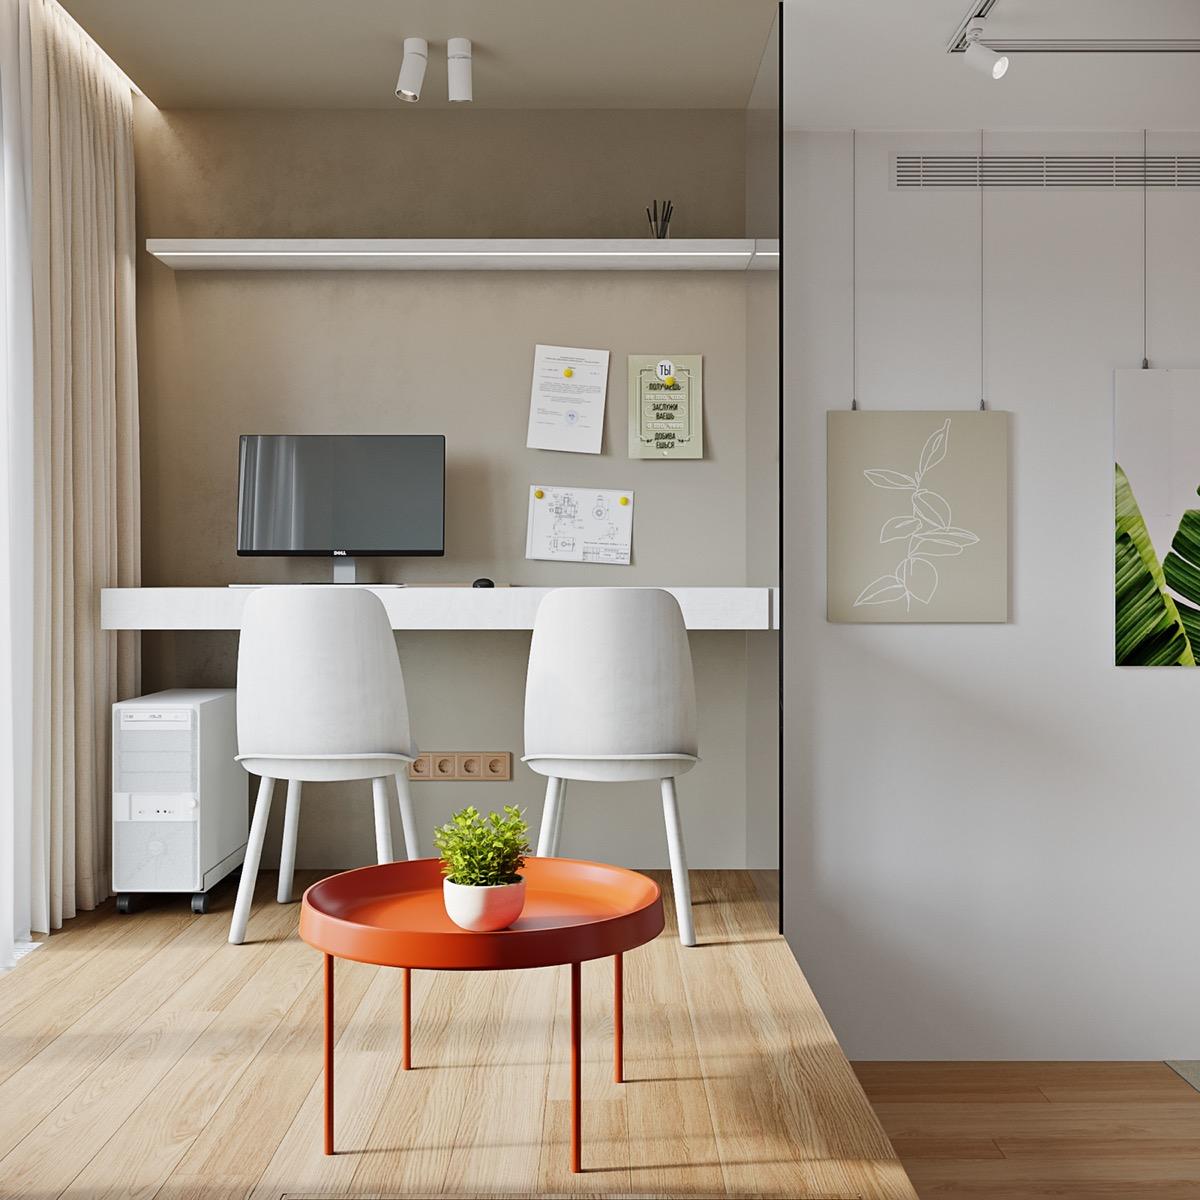 Tư vấn thiết kế nhà cấp 4 diện tích 65m² một tầng 3 phòng ngủ với chi phí 70 triệu đồng - Ảnh 9.